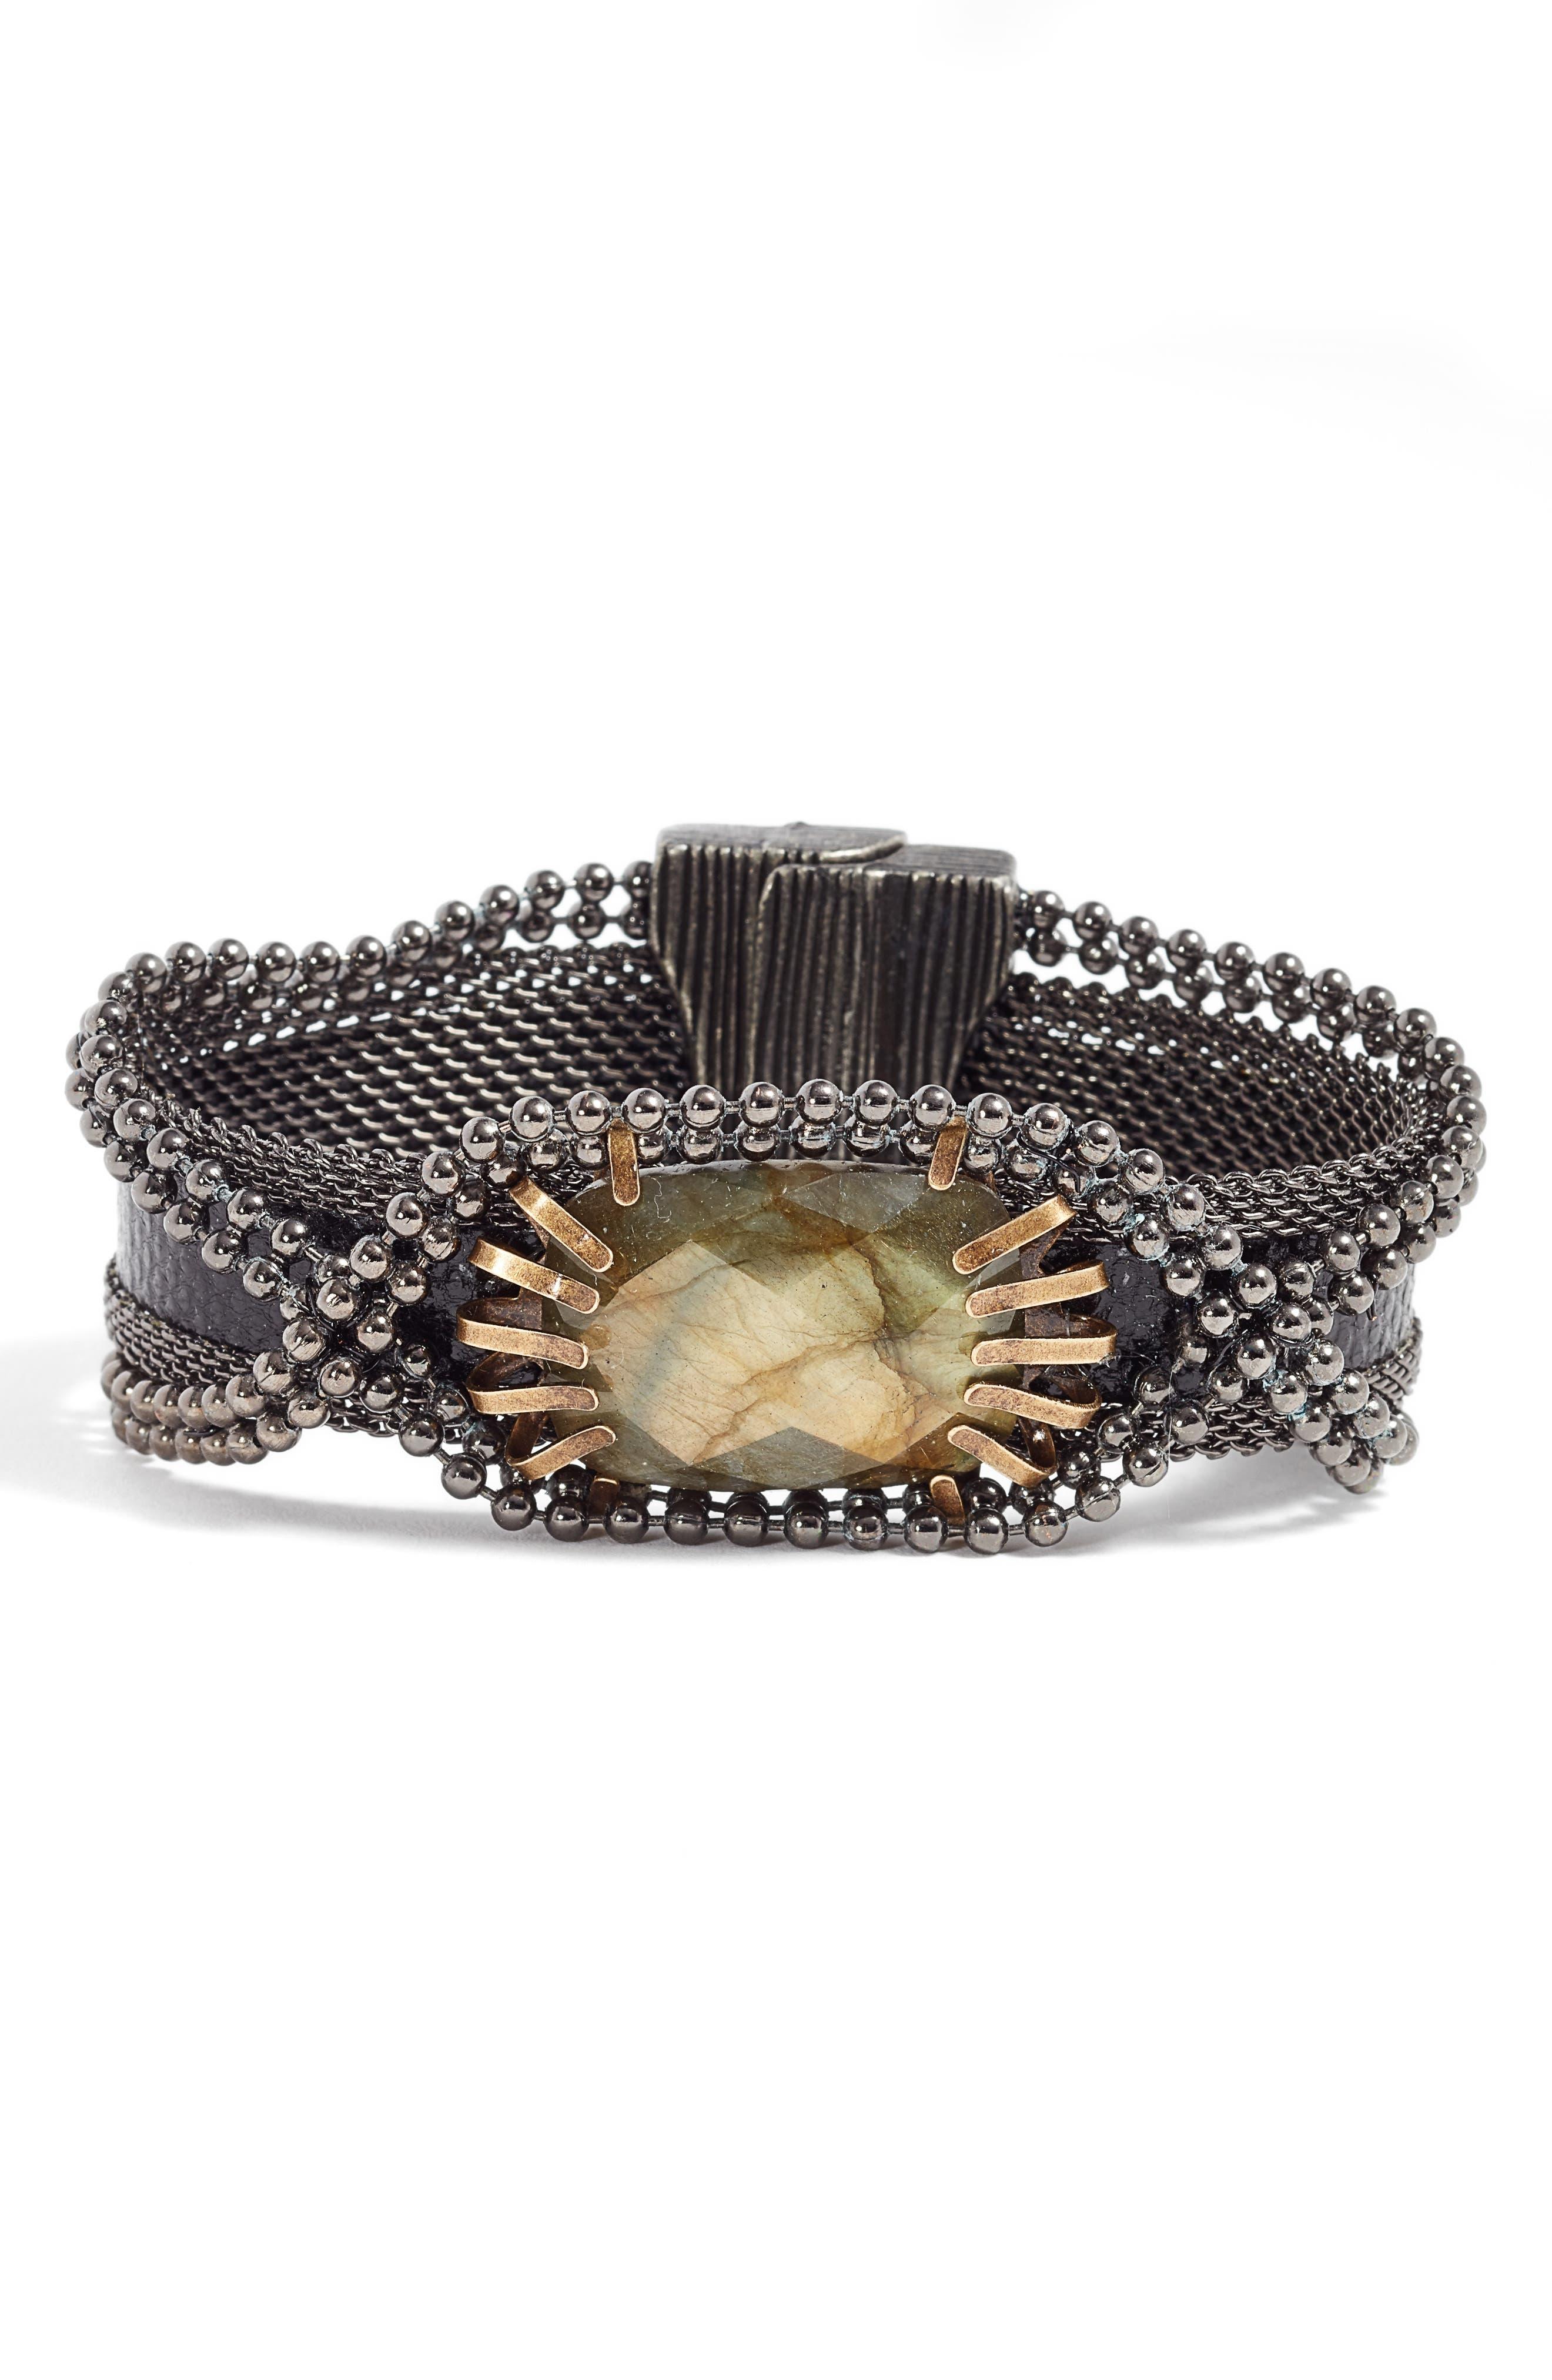 Stone & Snakeskin Bracelet,                         Main,                         color, Black/ Bronze/ Gunmetal